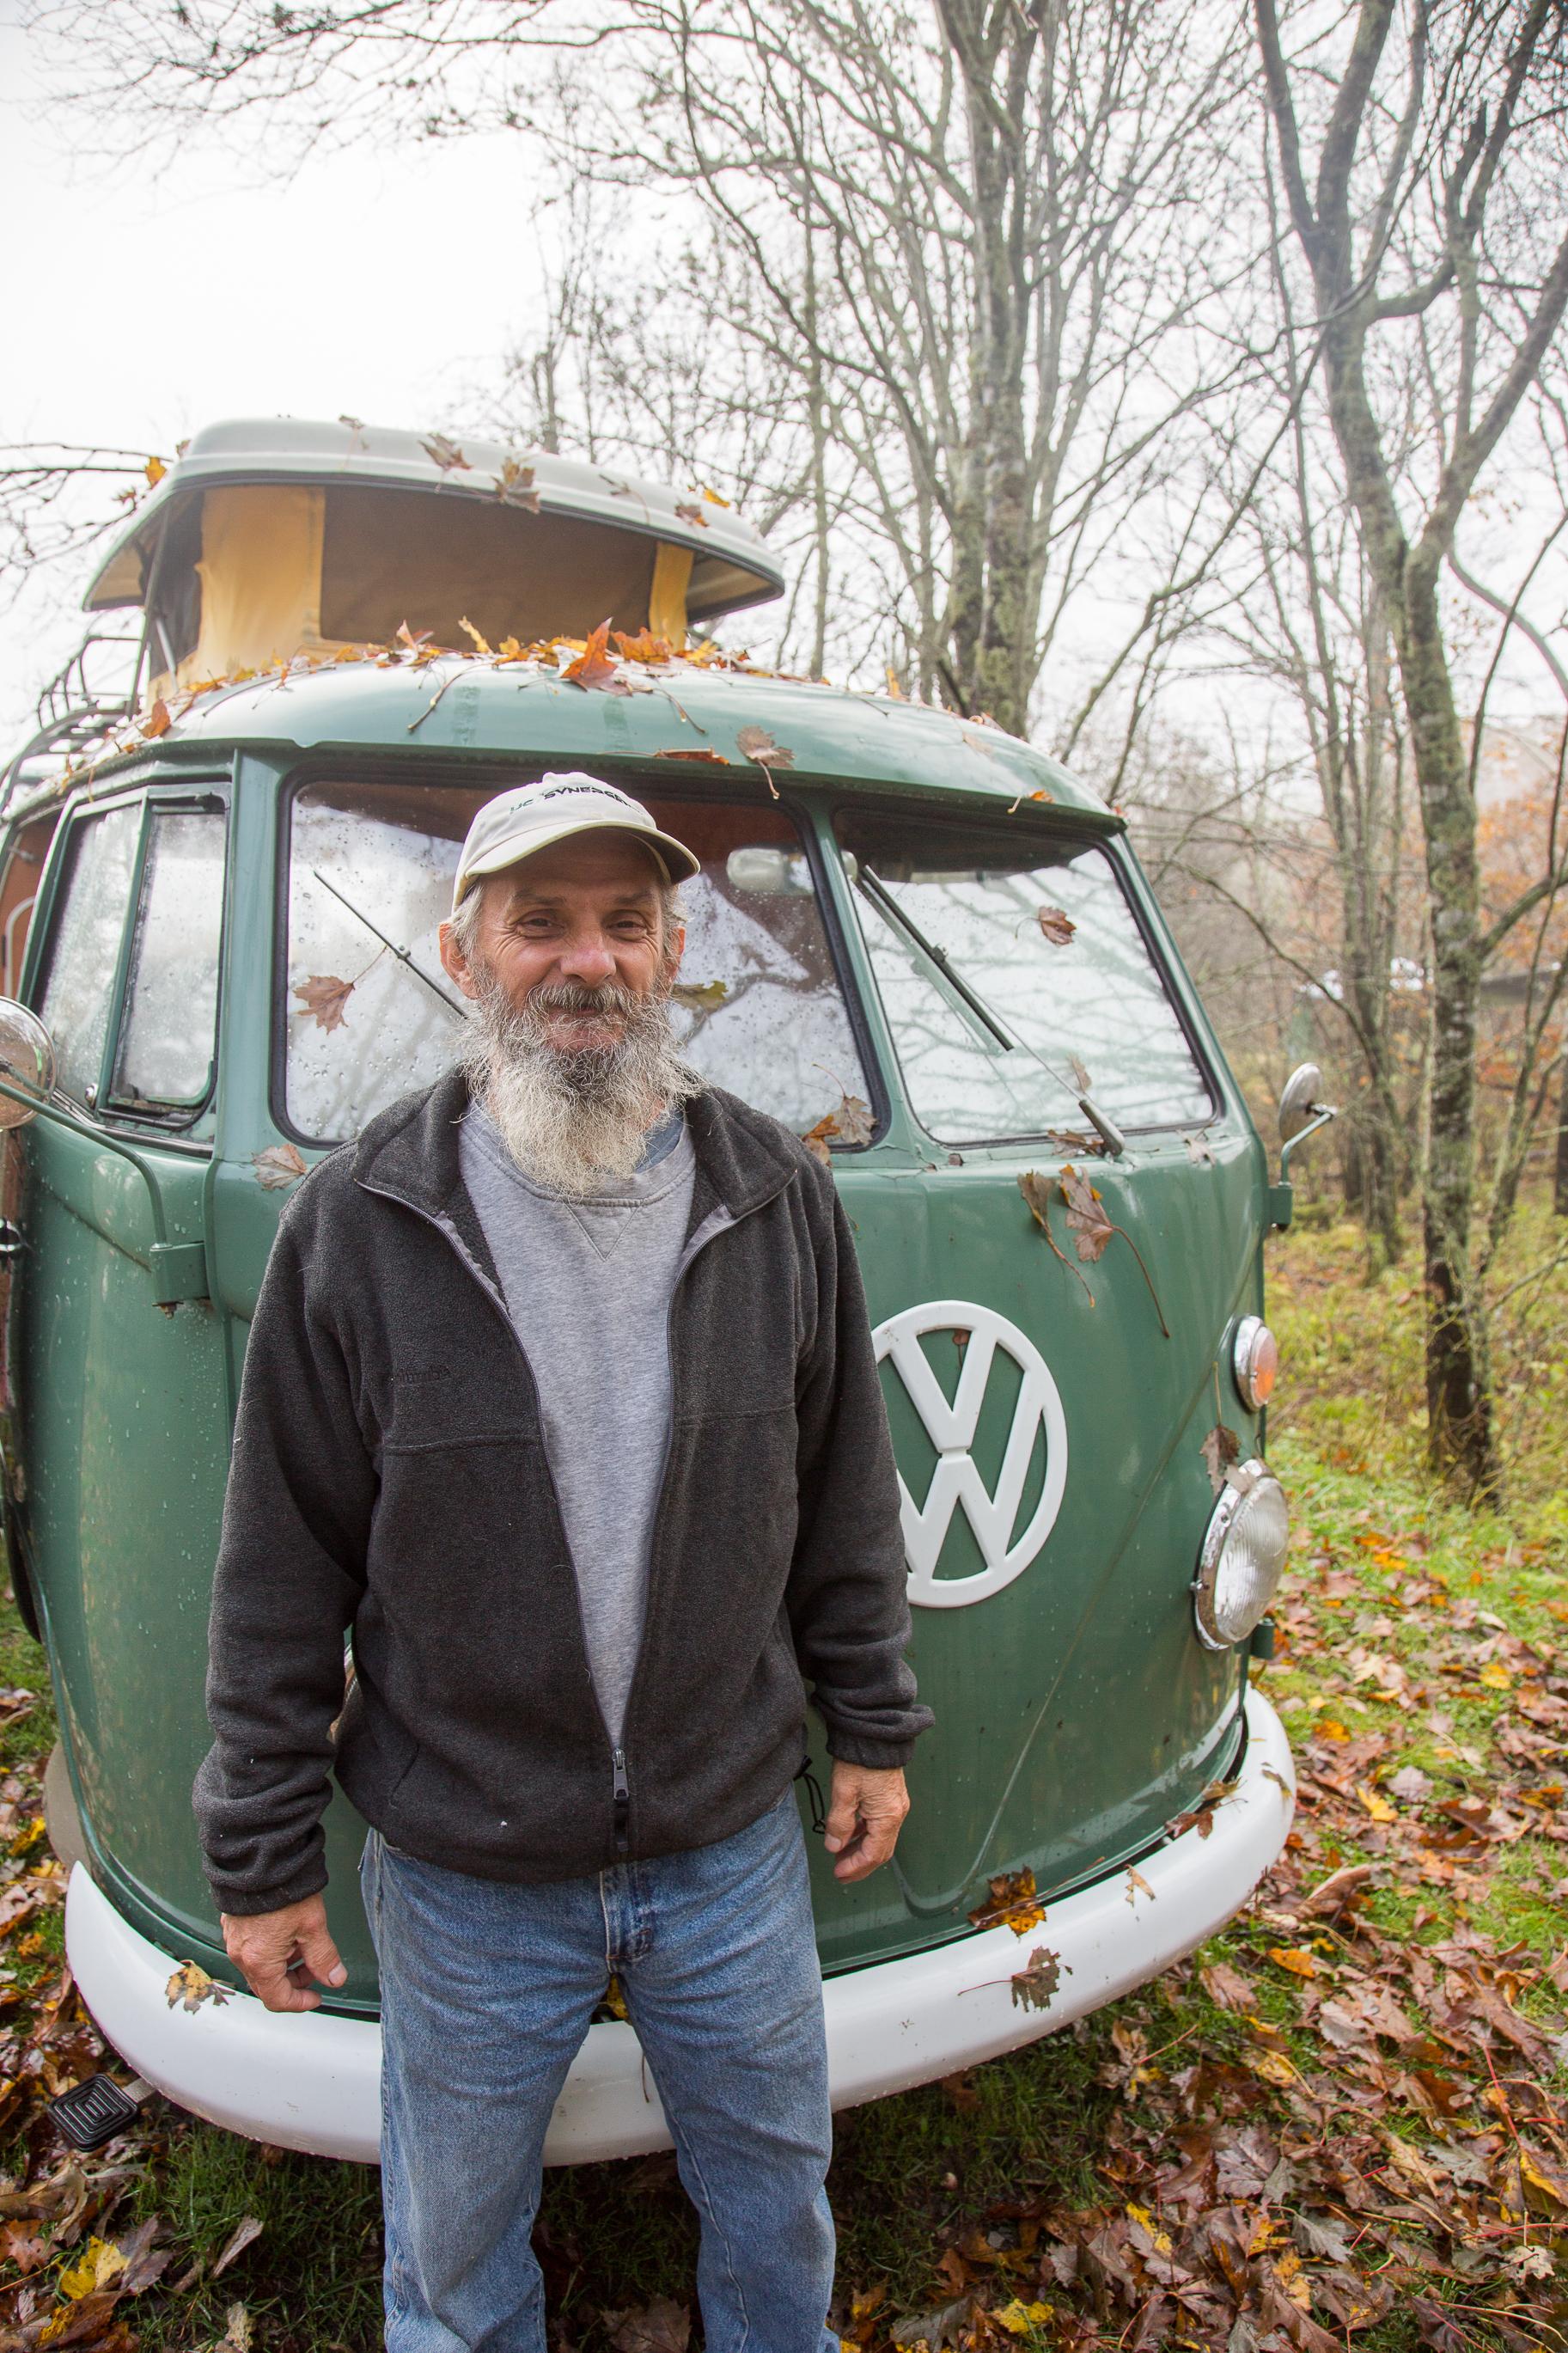 Former Volkswagen mechanic Mitch Davis